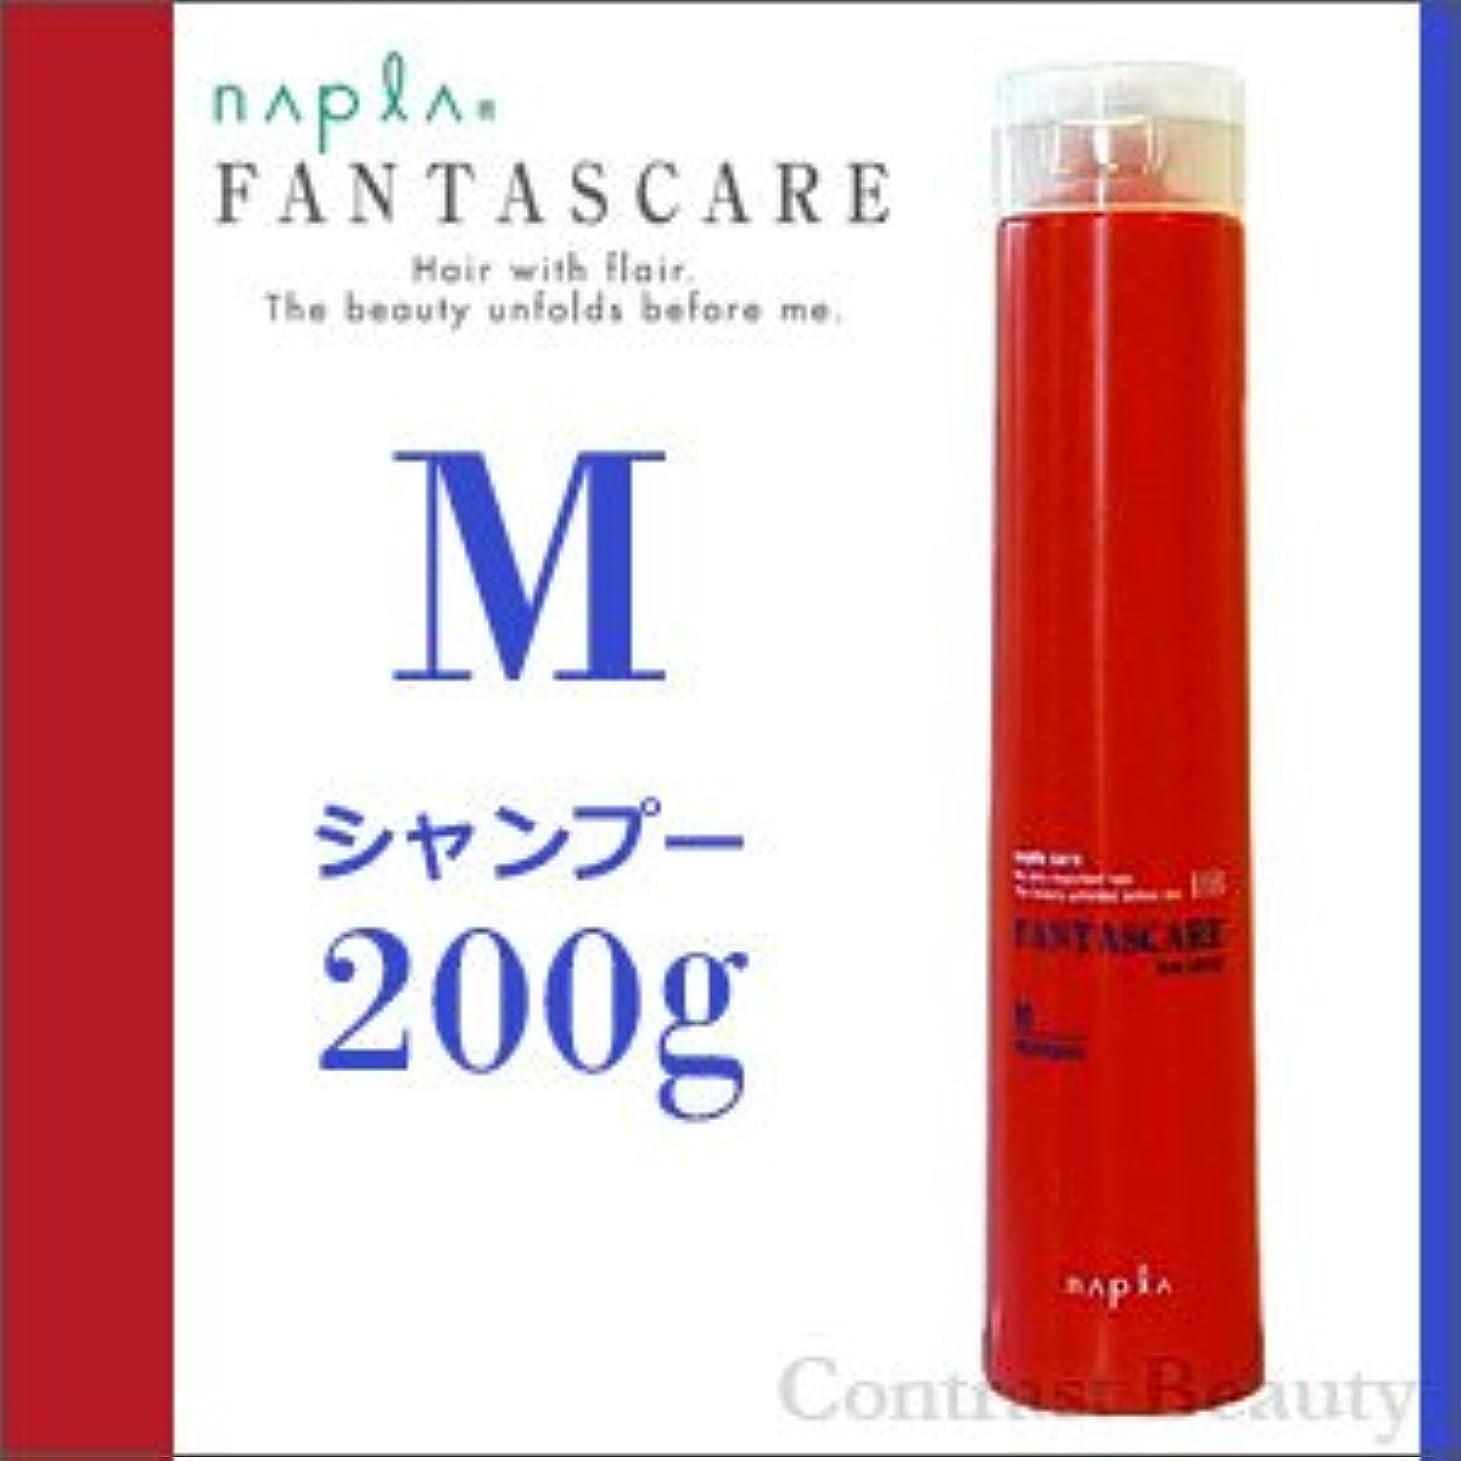 戸惑う文房具移動する【X3個セット】 ナプラ ファンタスケア Mシャンプー 200g napla